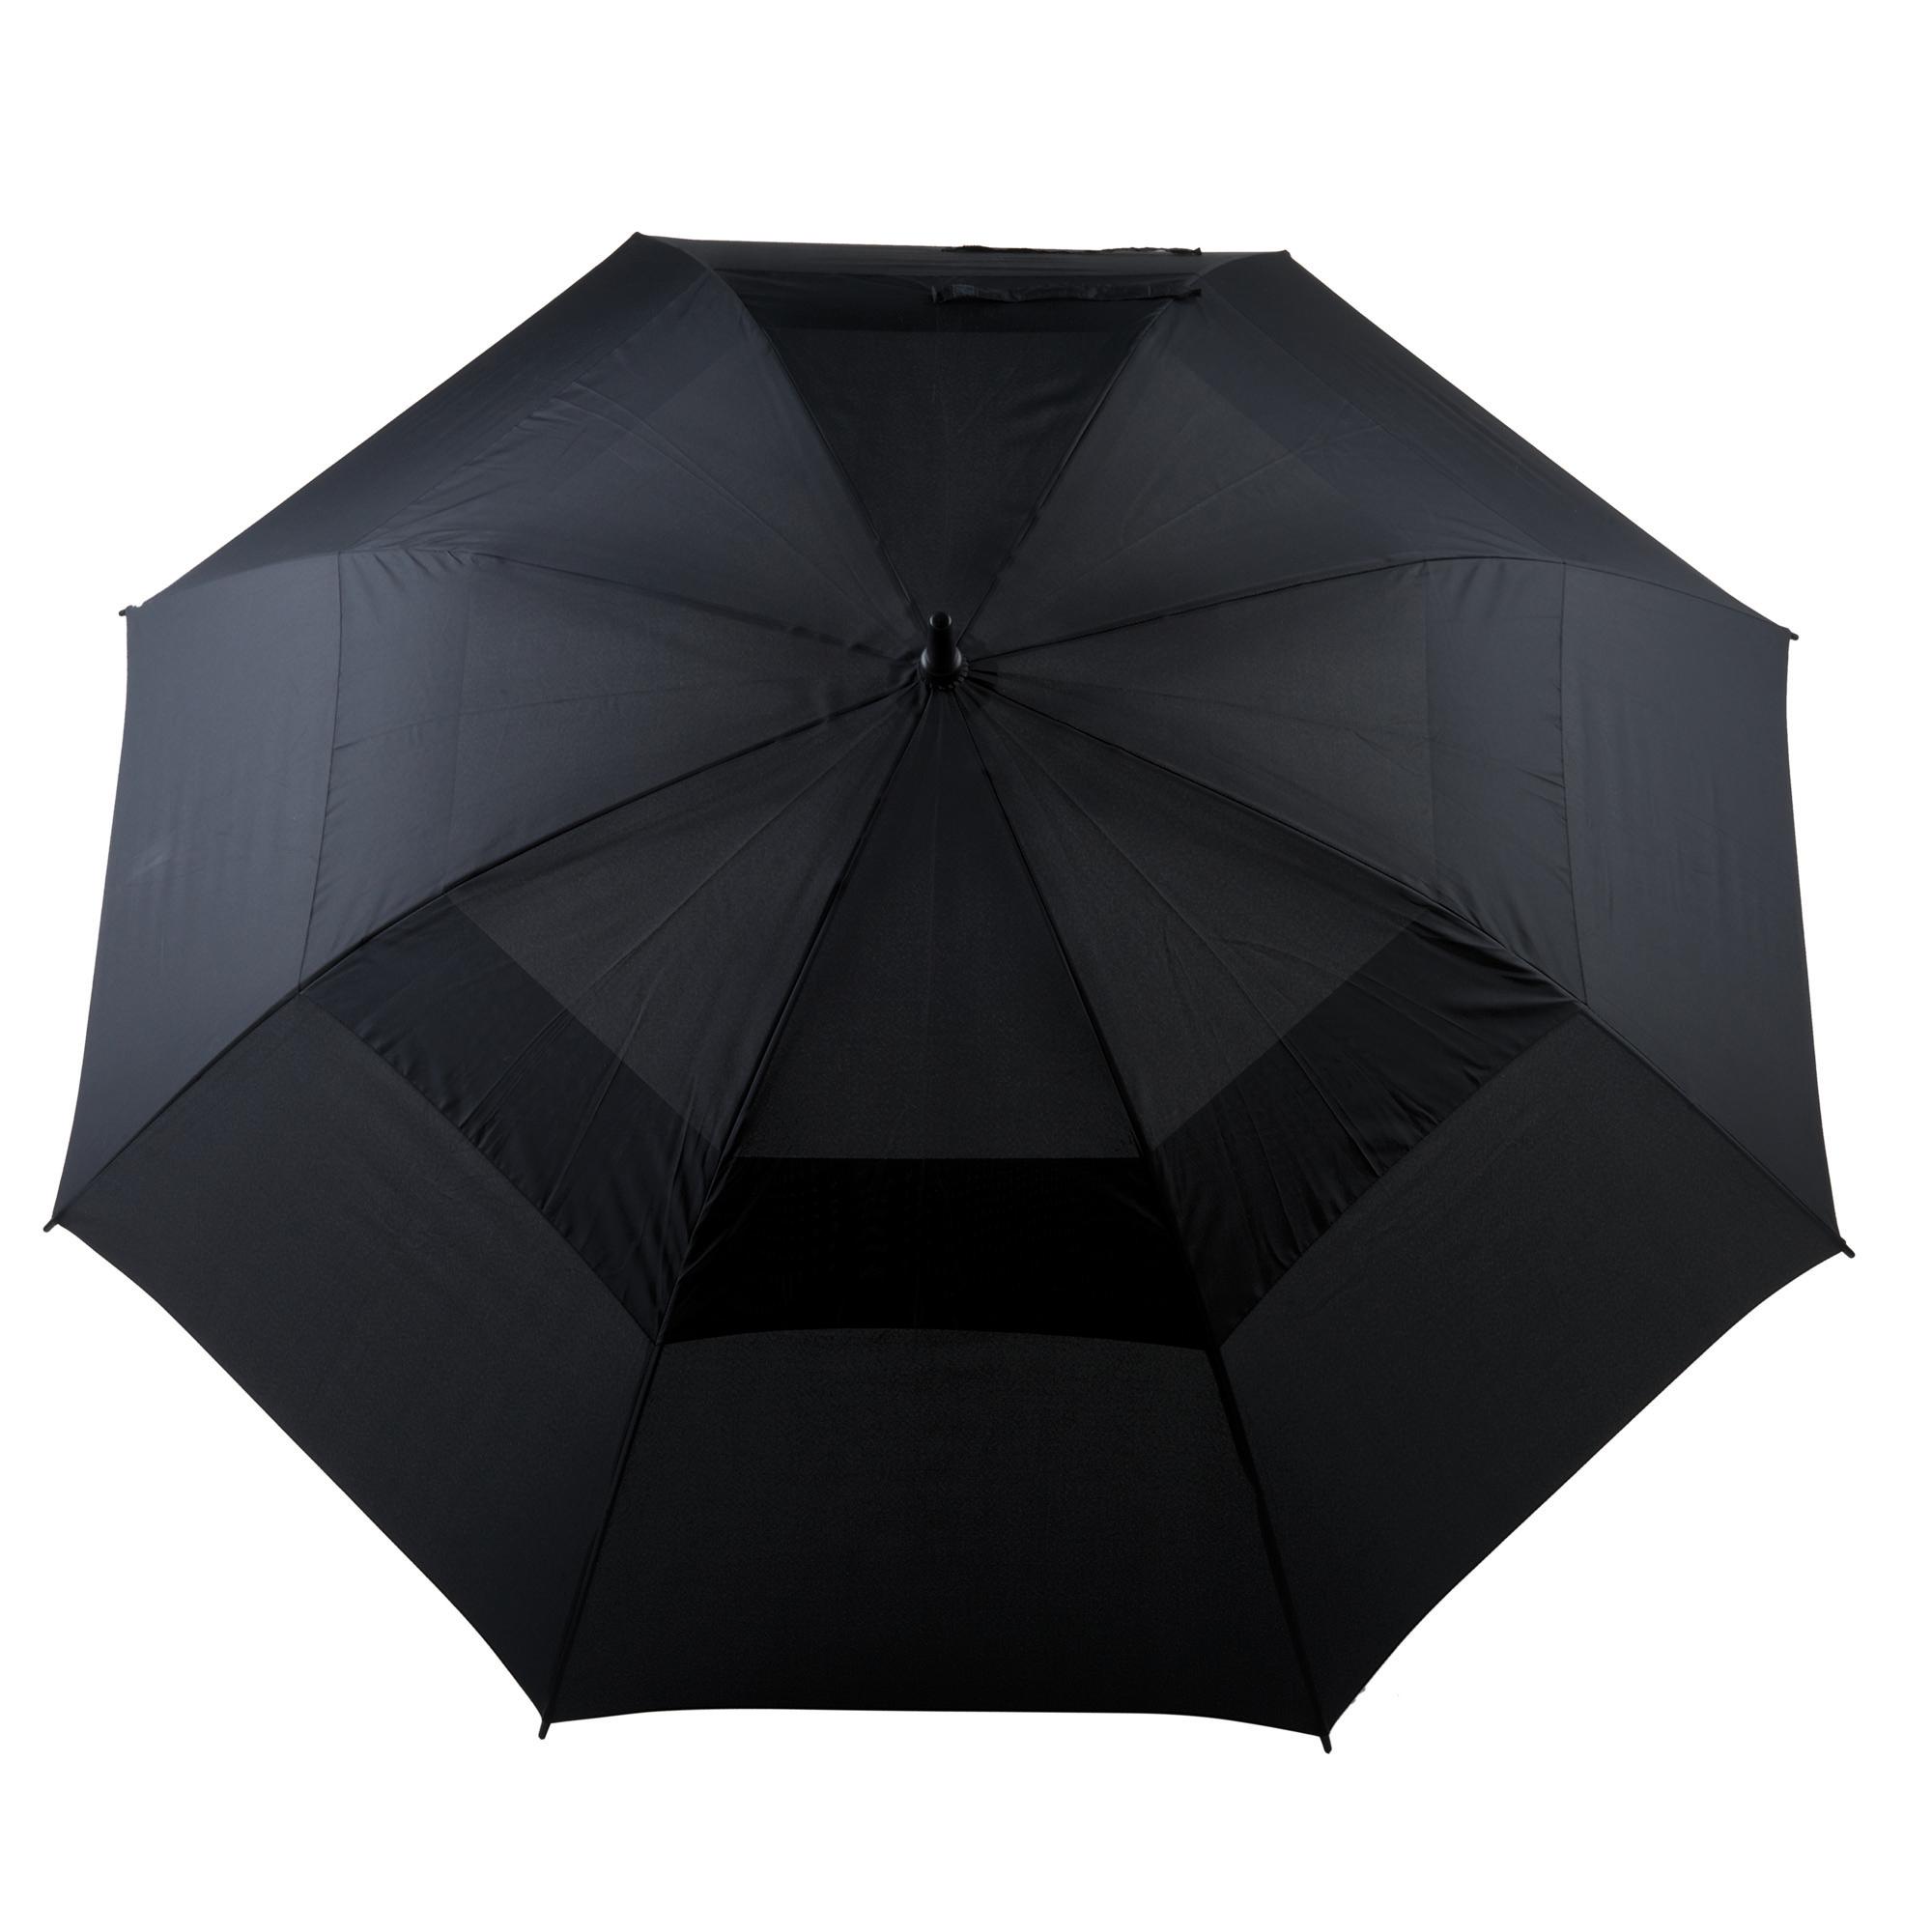 Extra-Wide-Wind-proof-Storm-Proof-golf-umbrella-Fibreglass-Frame-130-x102cm-52-034